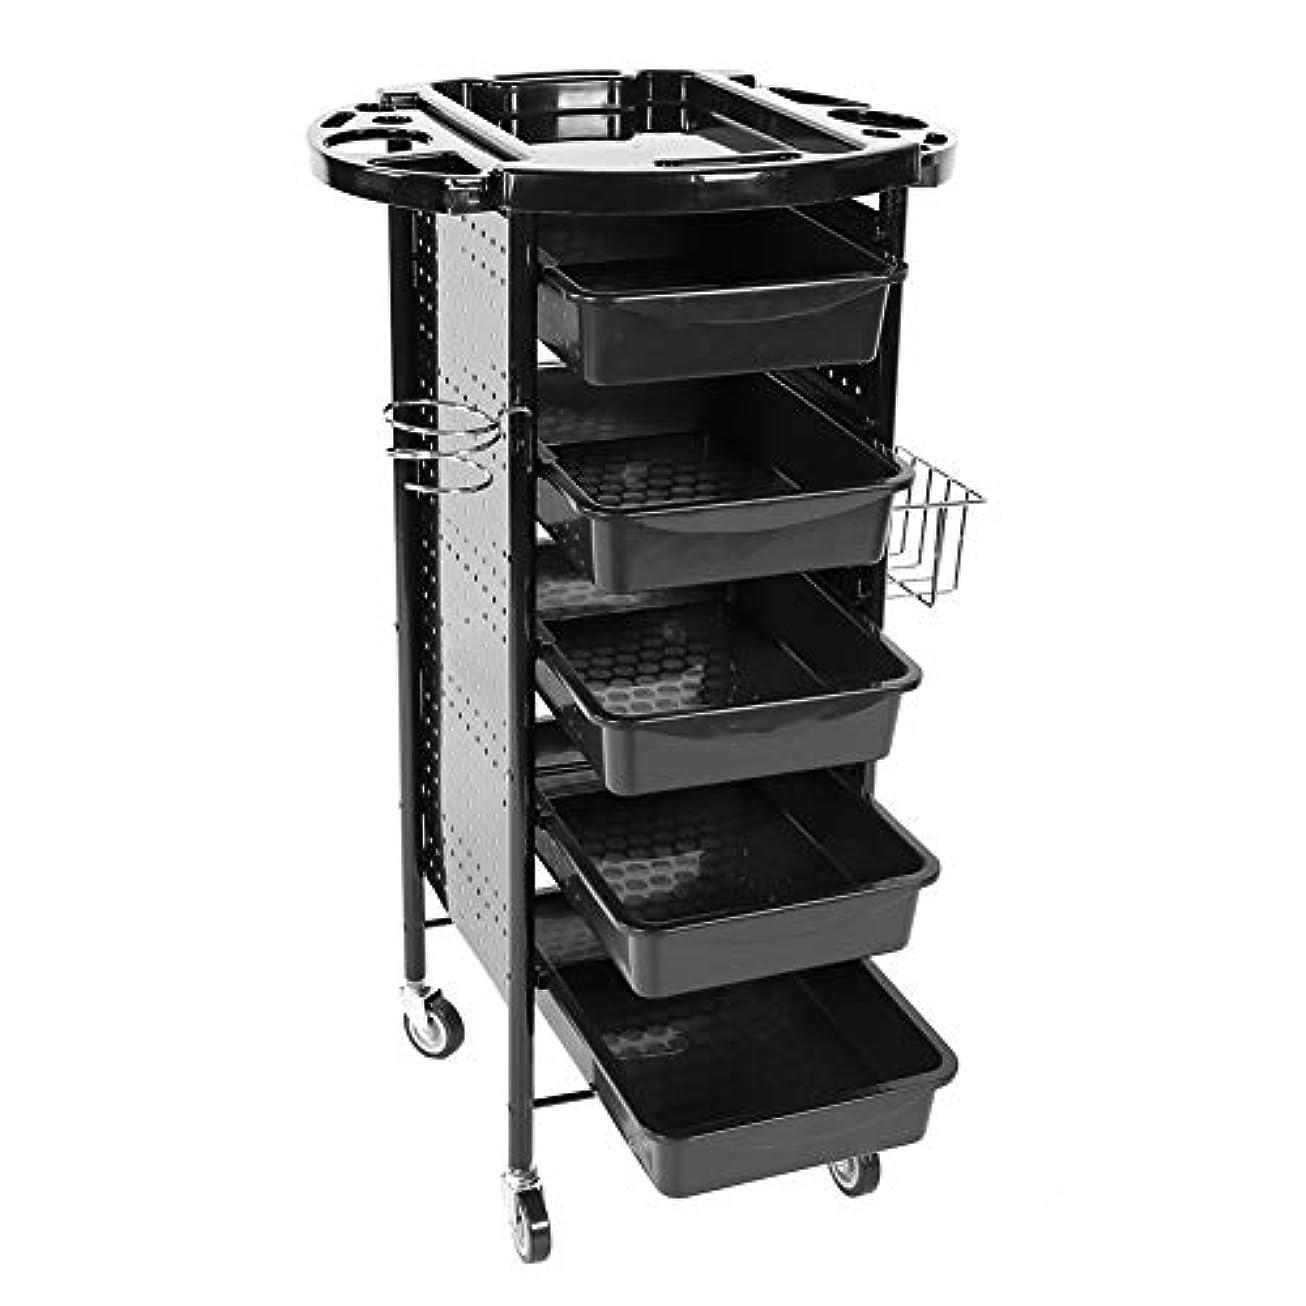 構造的振り子暗黙美容院、美容院、美容院のための車輪が付いている専門の6つの層の貯蔵の棚のトロリーカート